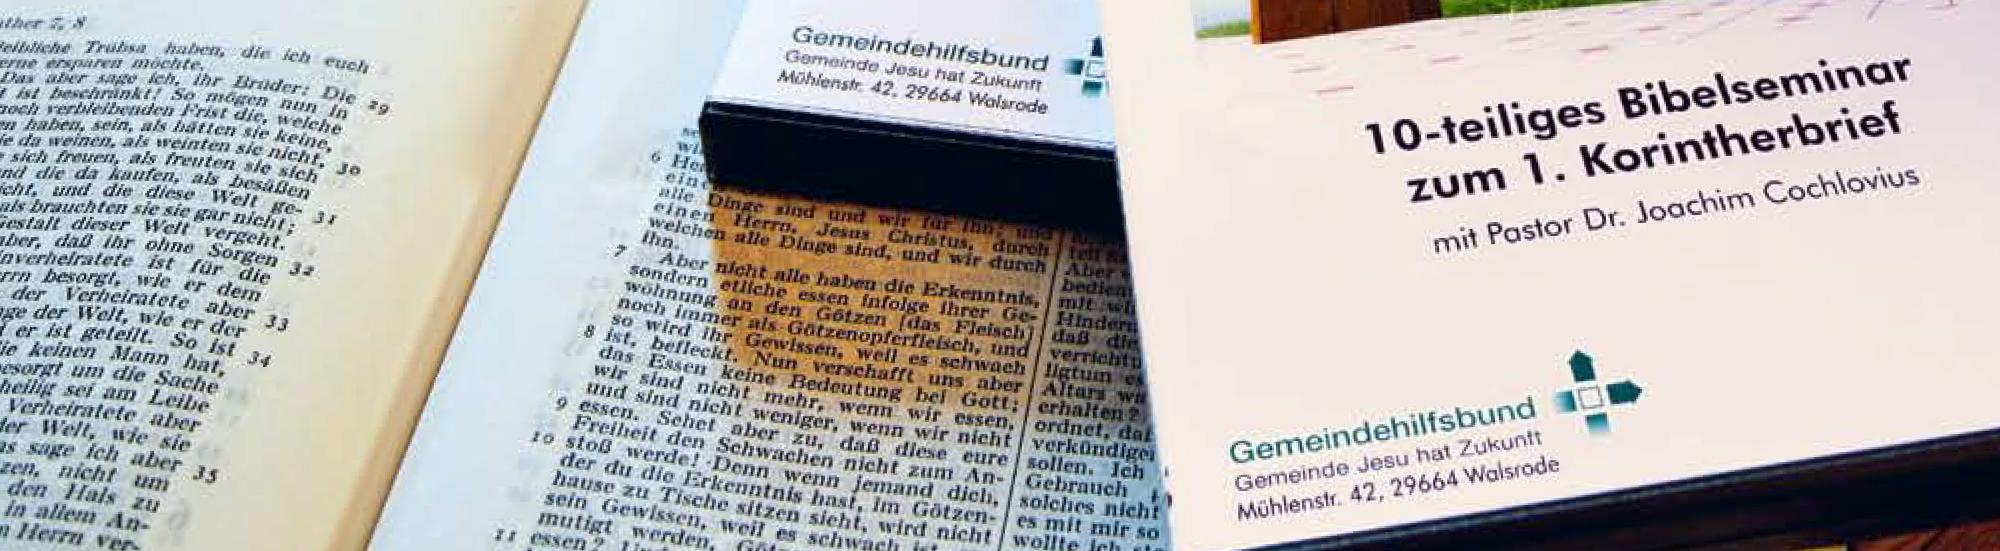 Gemeindehilfsbund